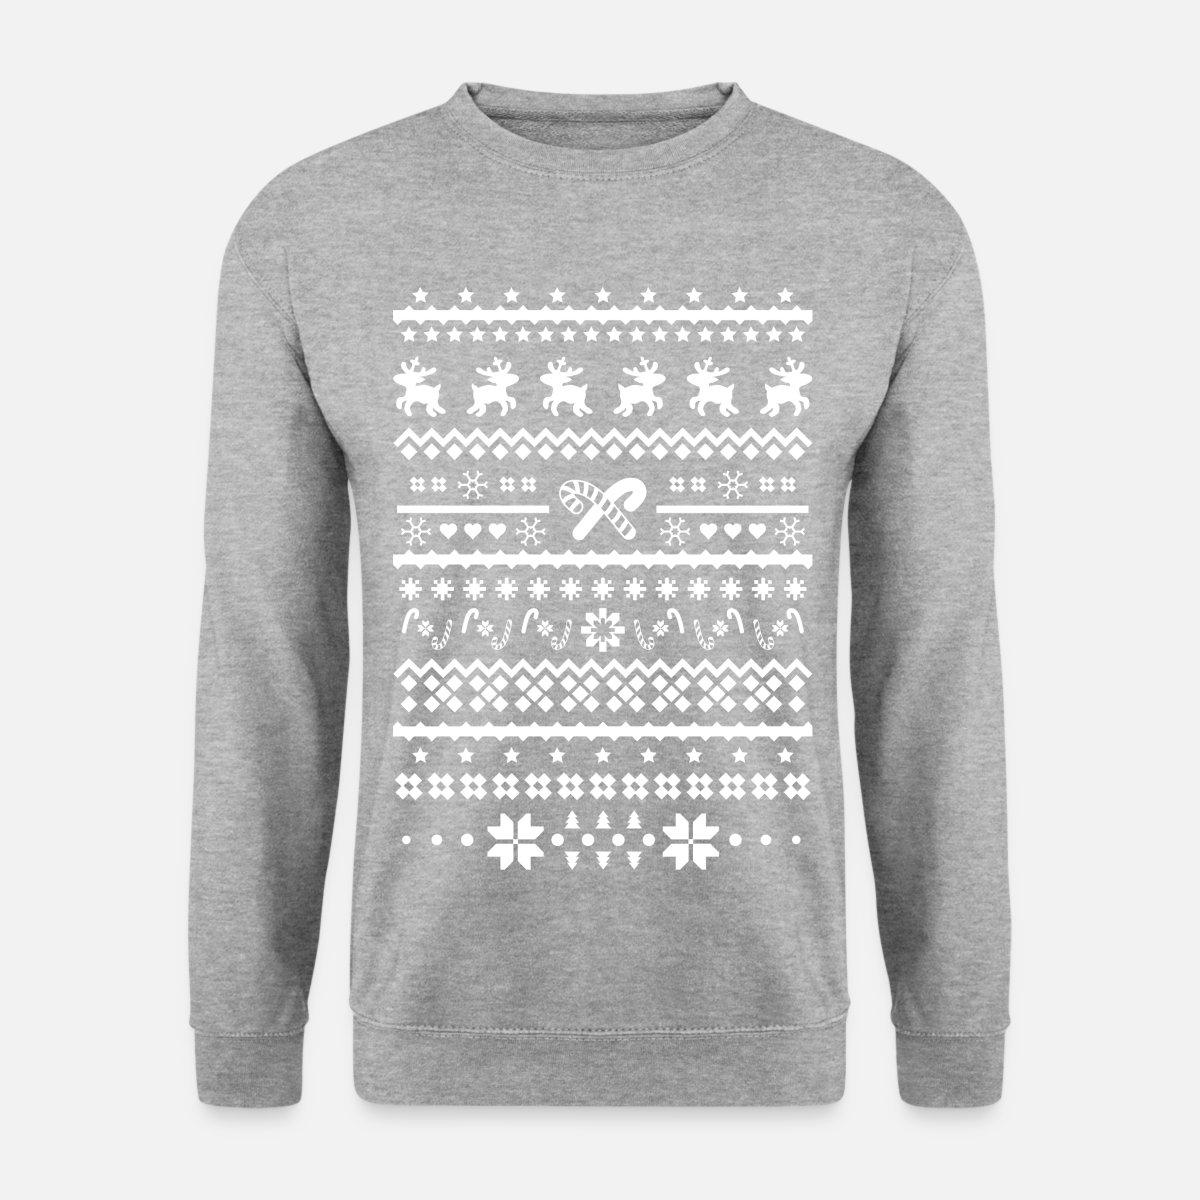 christmas sweater reindeer Men\'s Sweatshirt - salt & pepper